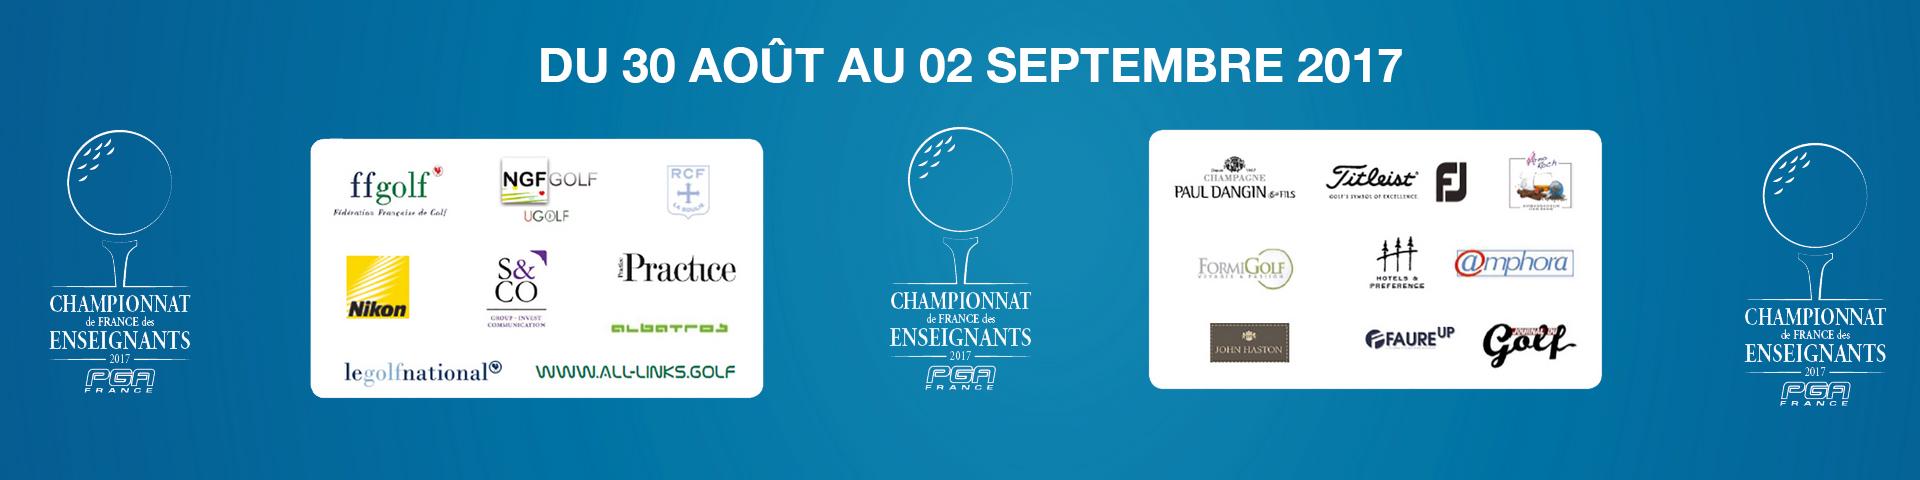 Partenaires PGA France Championnat de France des Enseignants 2017